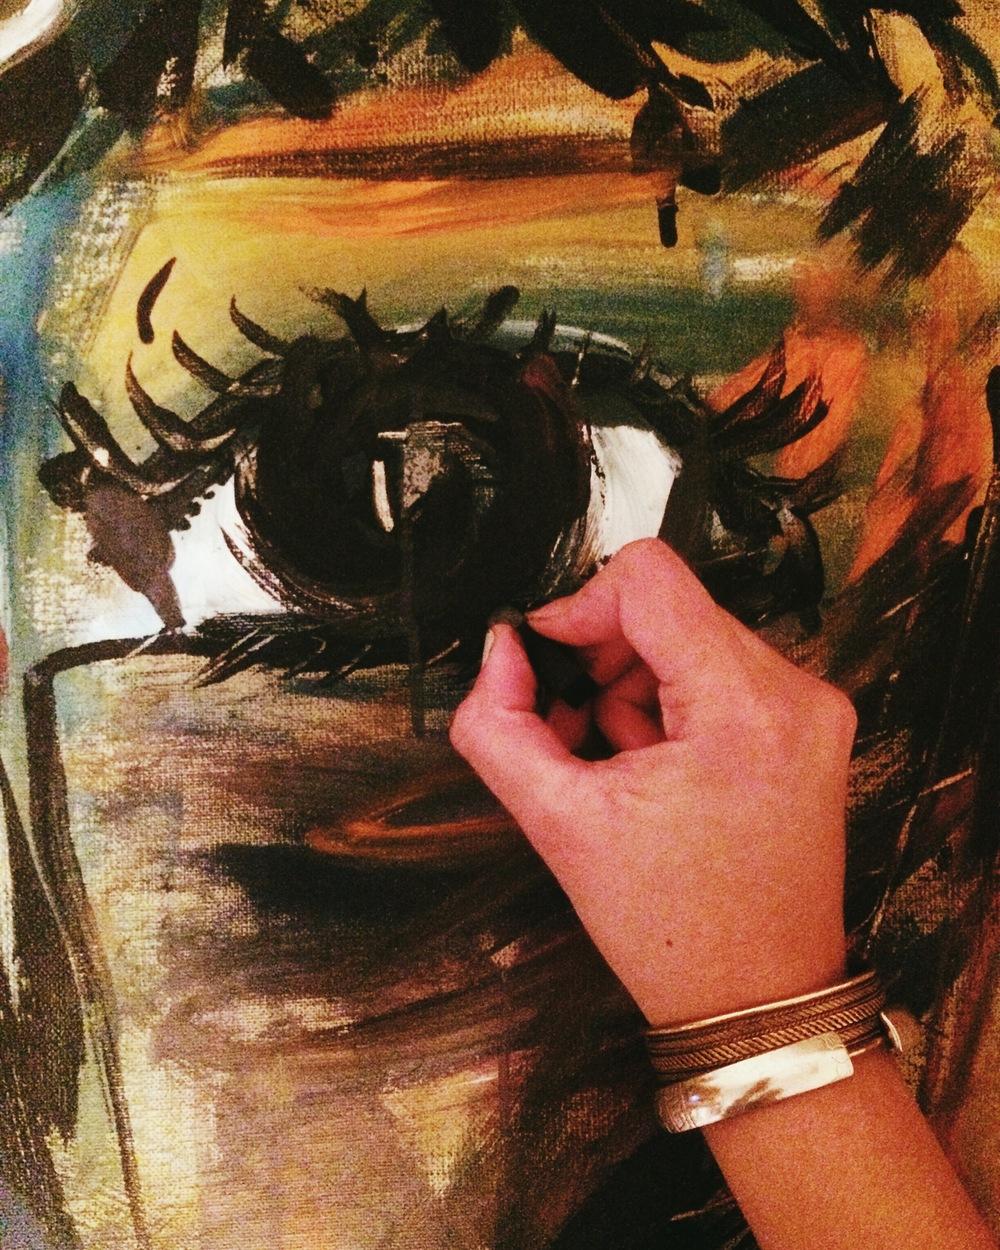 Adding Charcoal weeks after the worship night | Agregando carboncillo semanas despues de haber pintado en la iglesia.